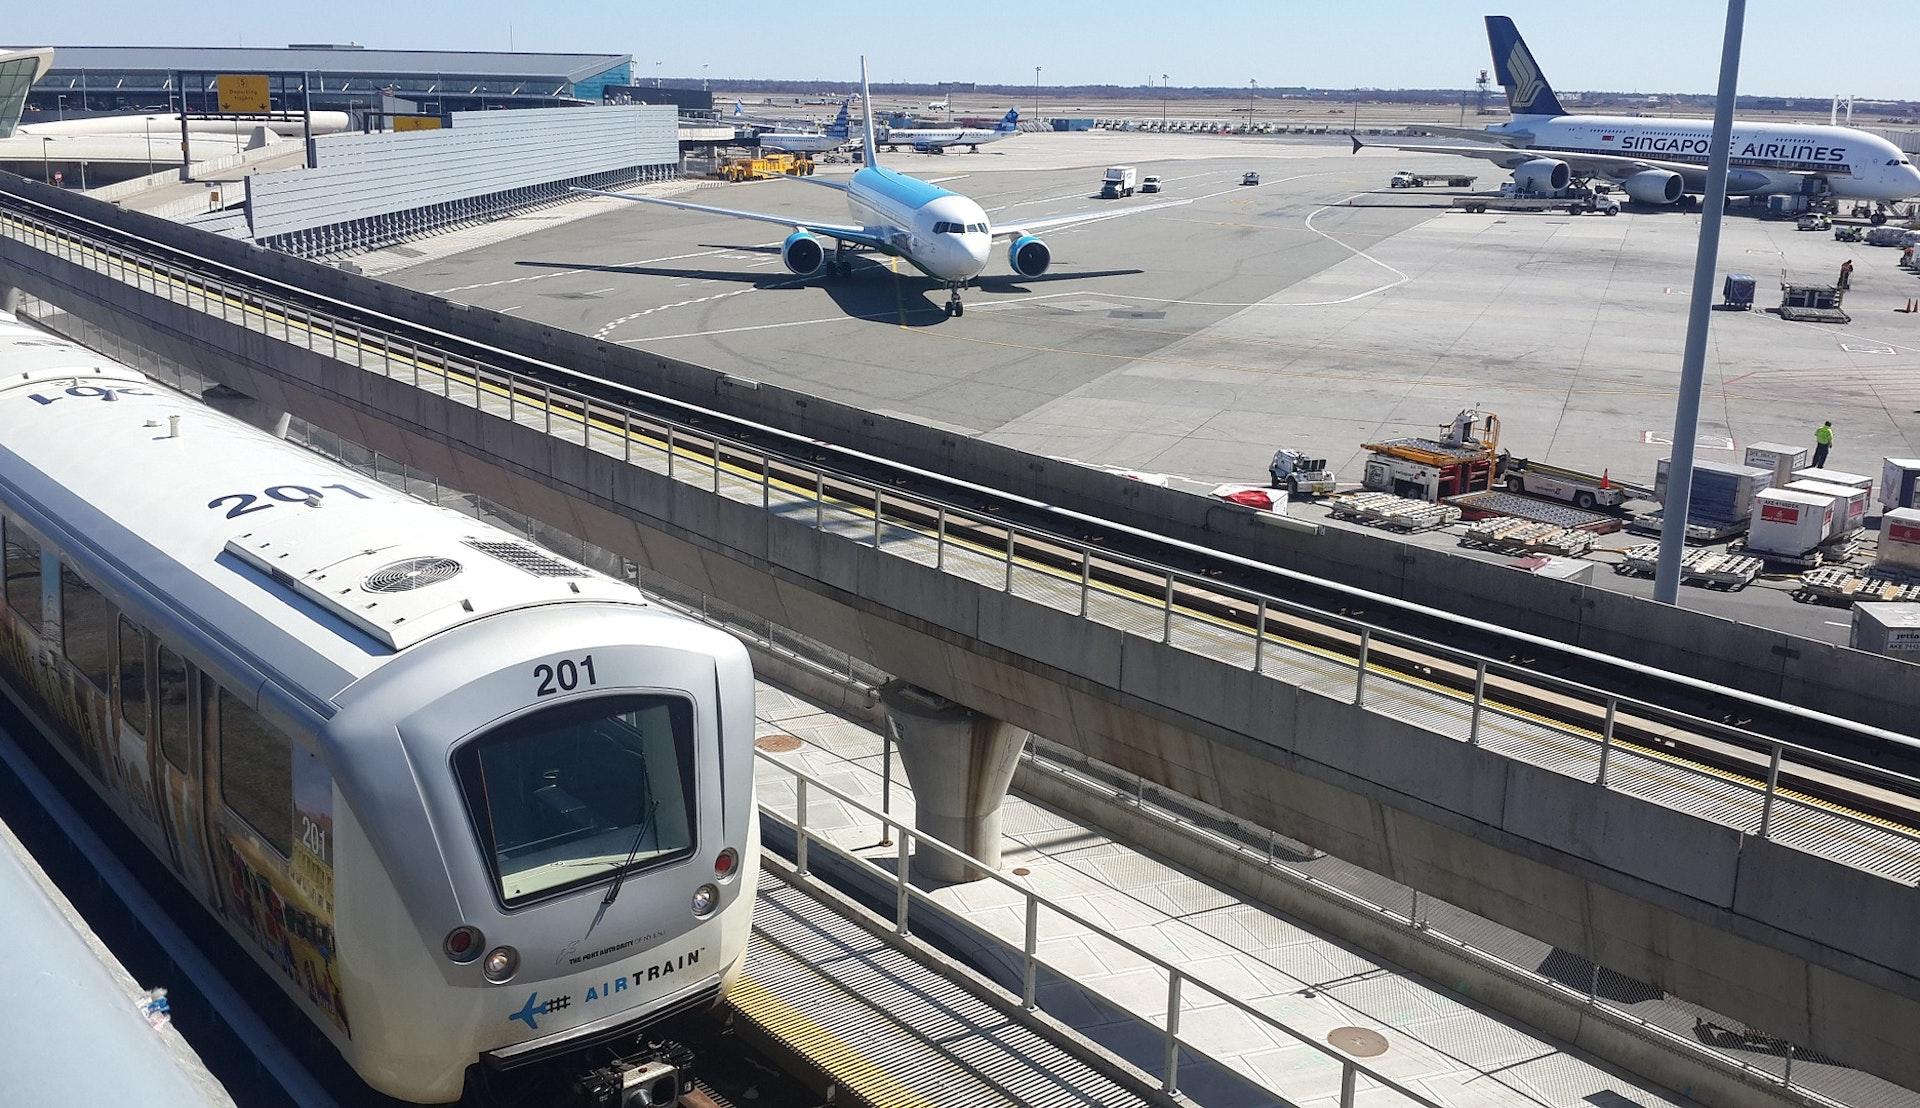 JFK-flyplassen i New York © mindconcepts, Pixabay